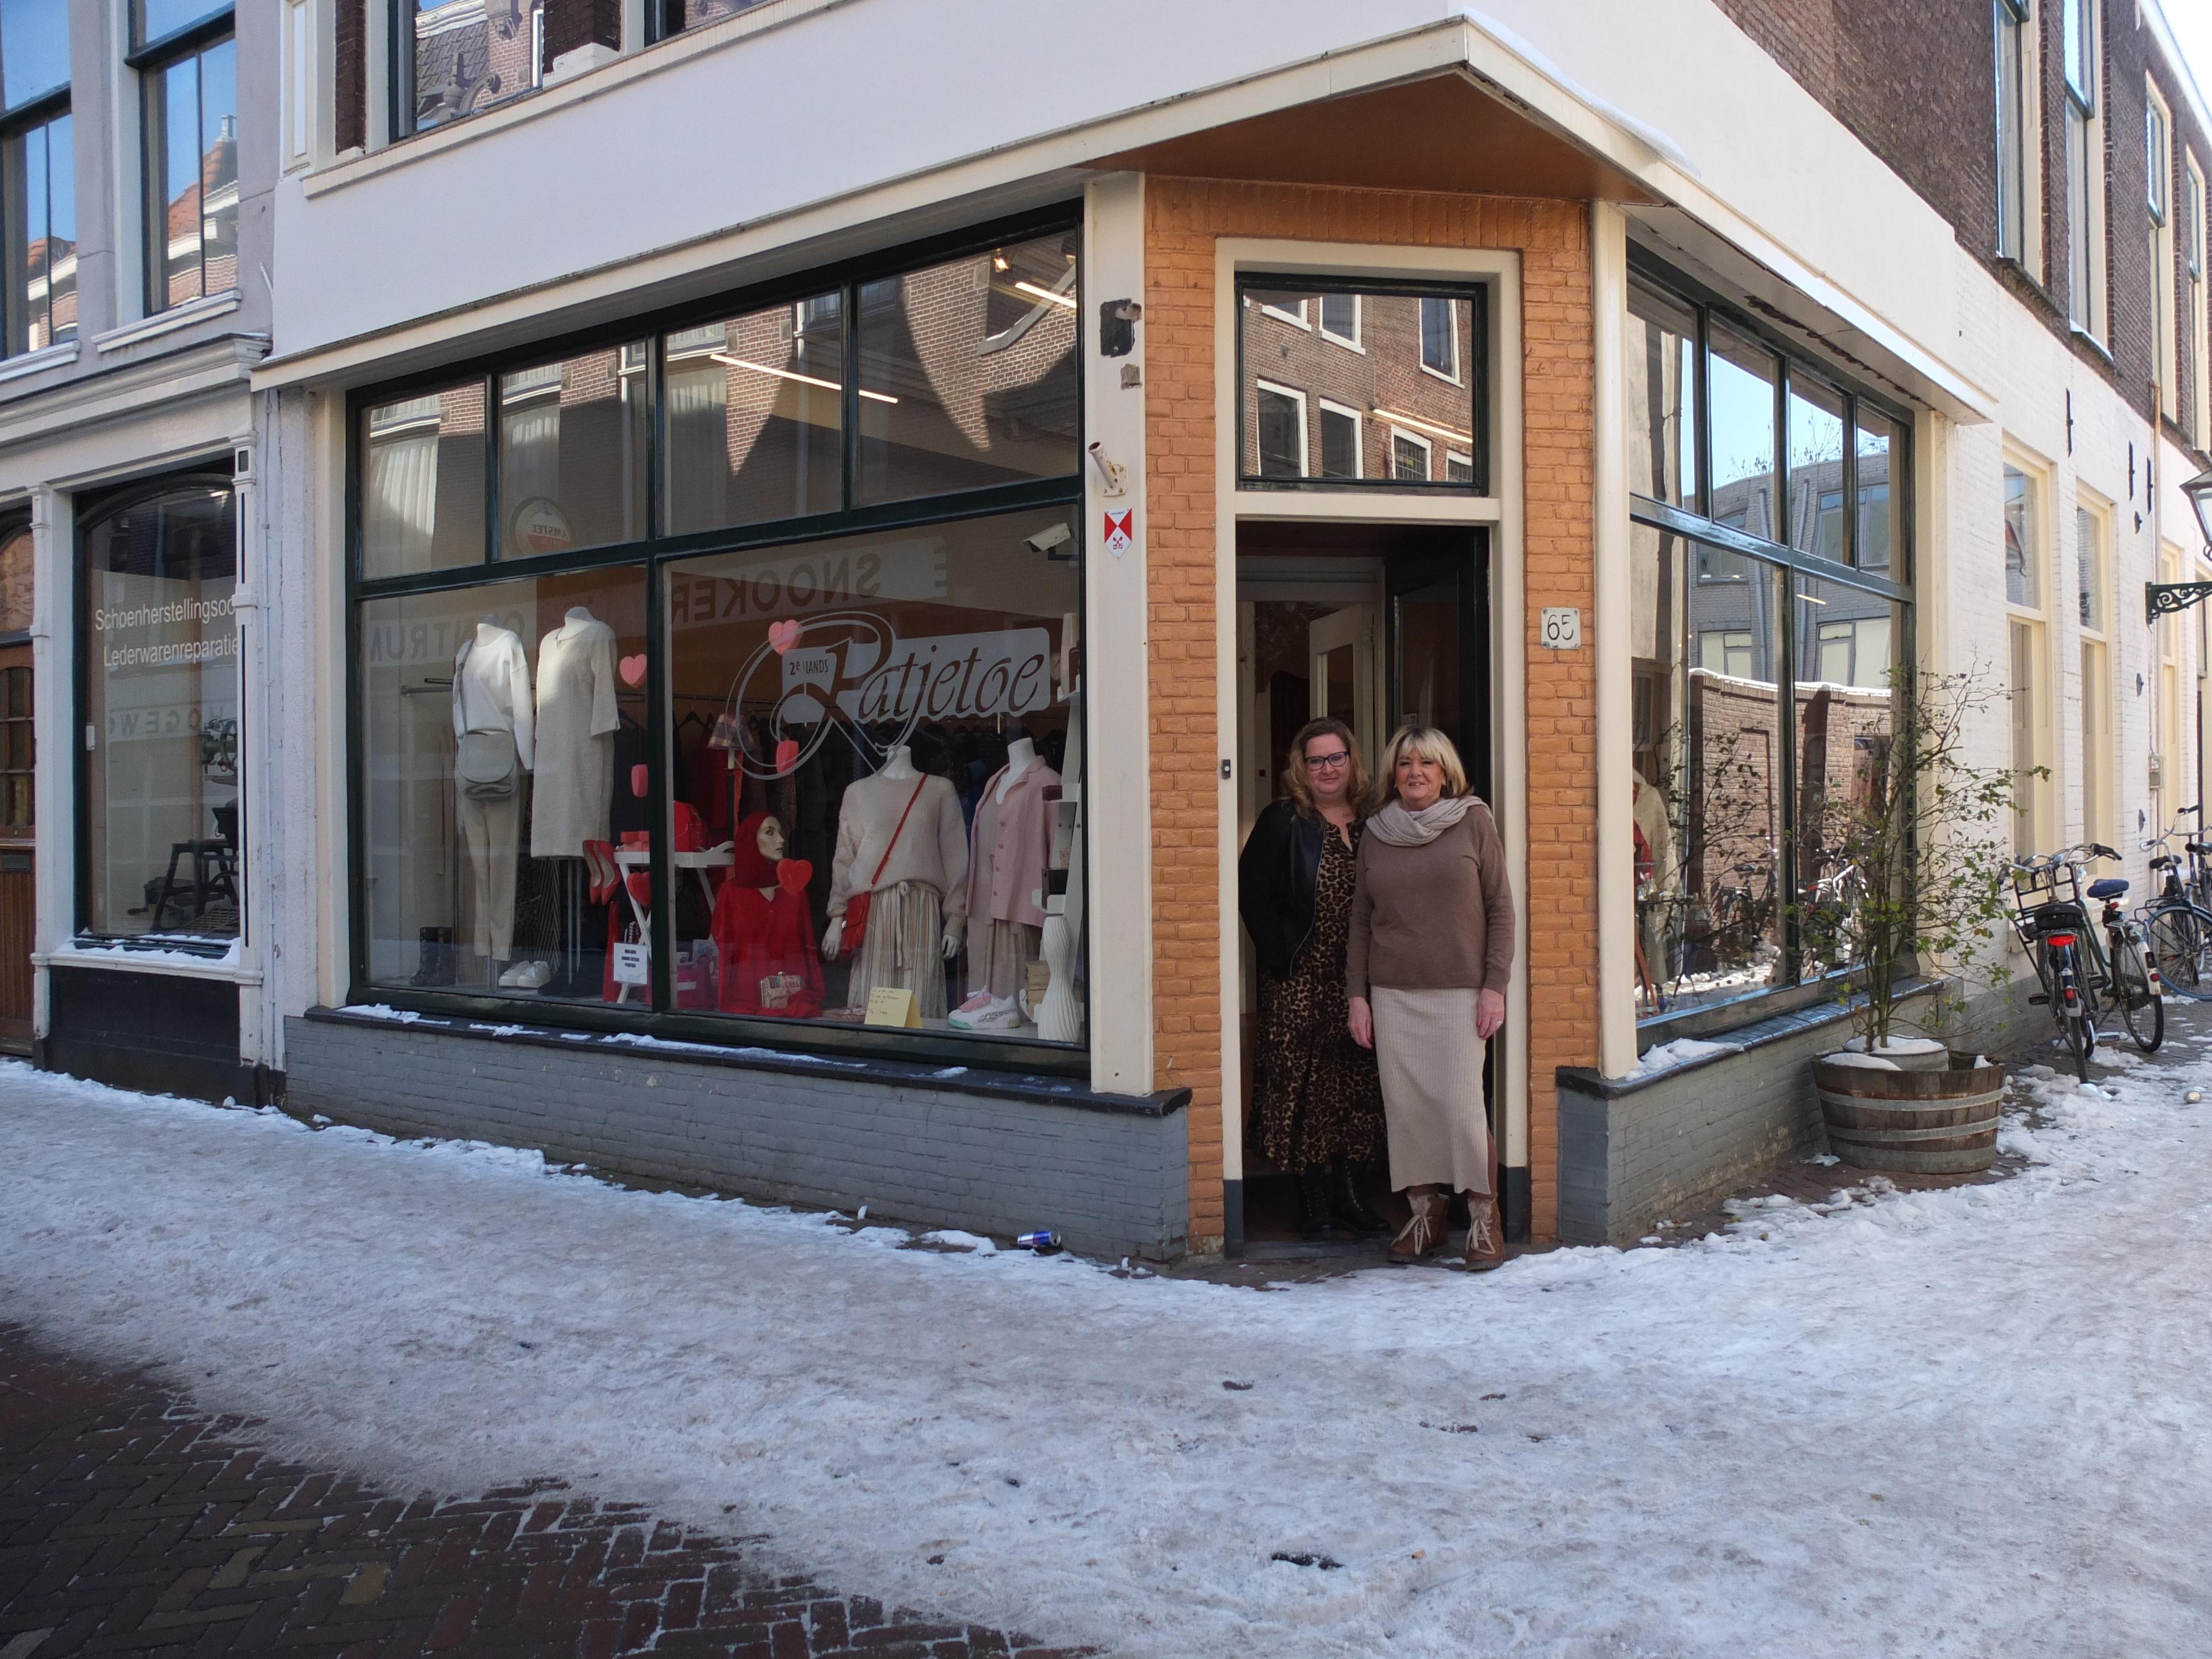 Tweedehands kledingwinkel Ratjetoe al 28 jaar op de Hogewoerd in Leiden: 'Mooier dan moderne spullen'